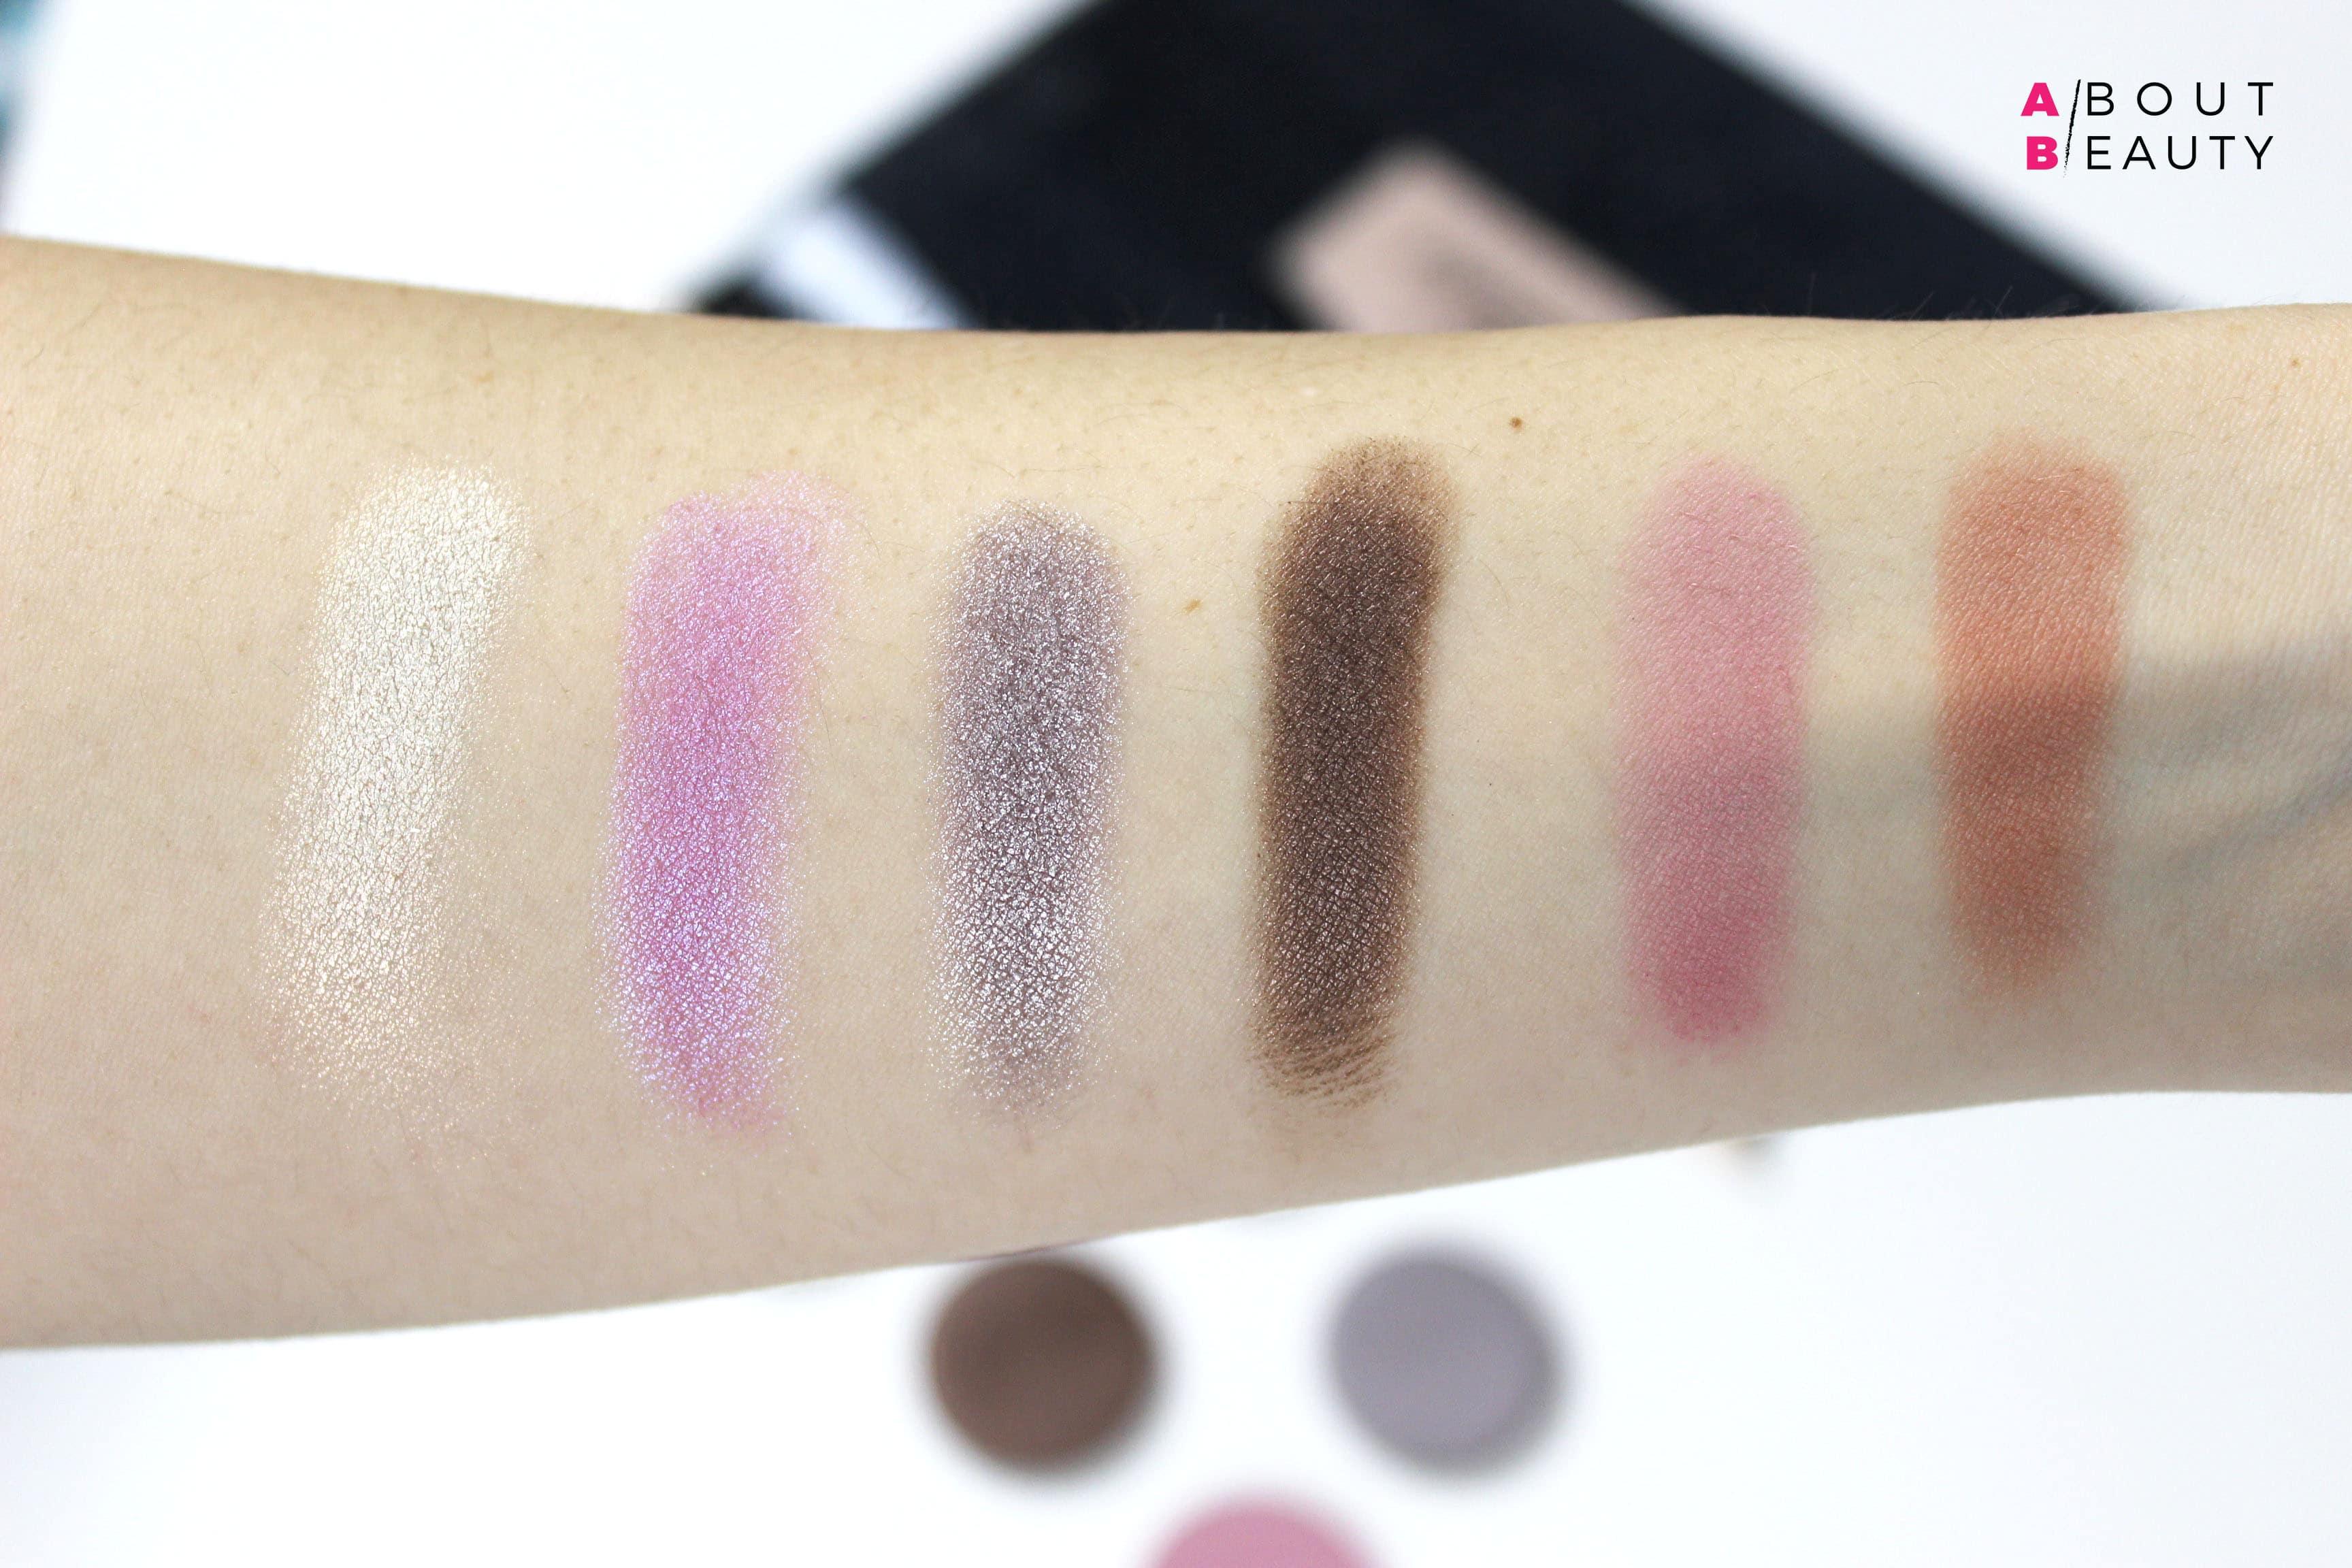 Grungelic, la nuova collezione Neve Cosmetics - Swatches di tutti i blush e gli ombretti